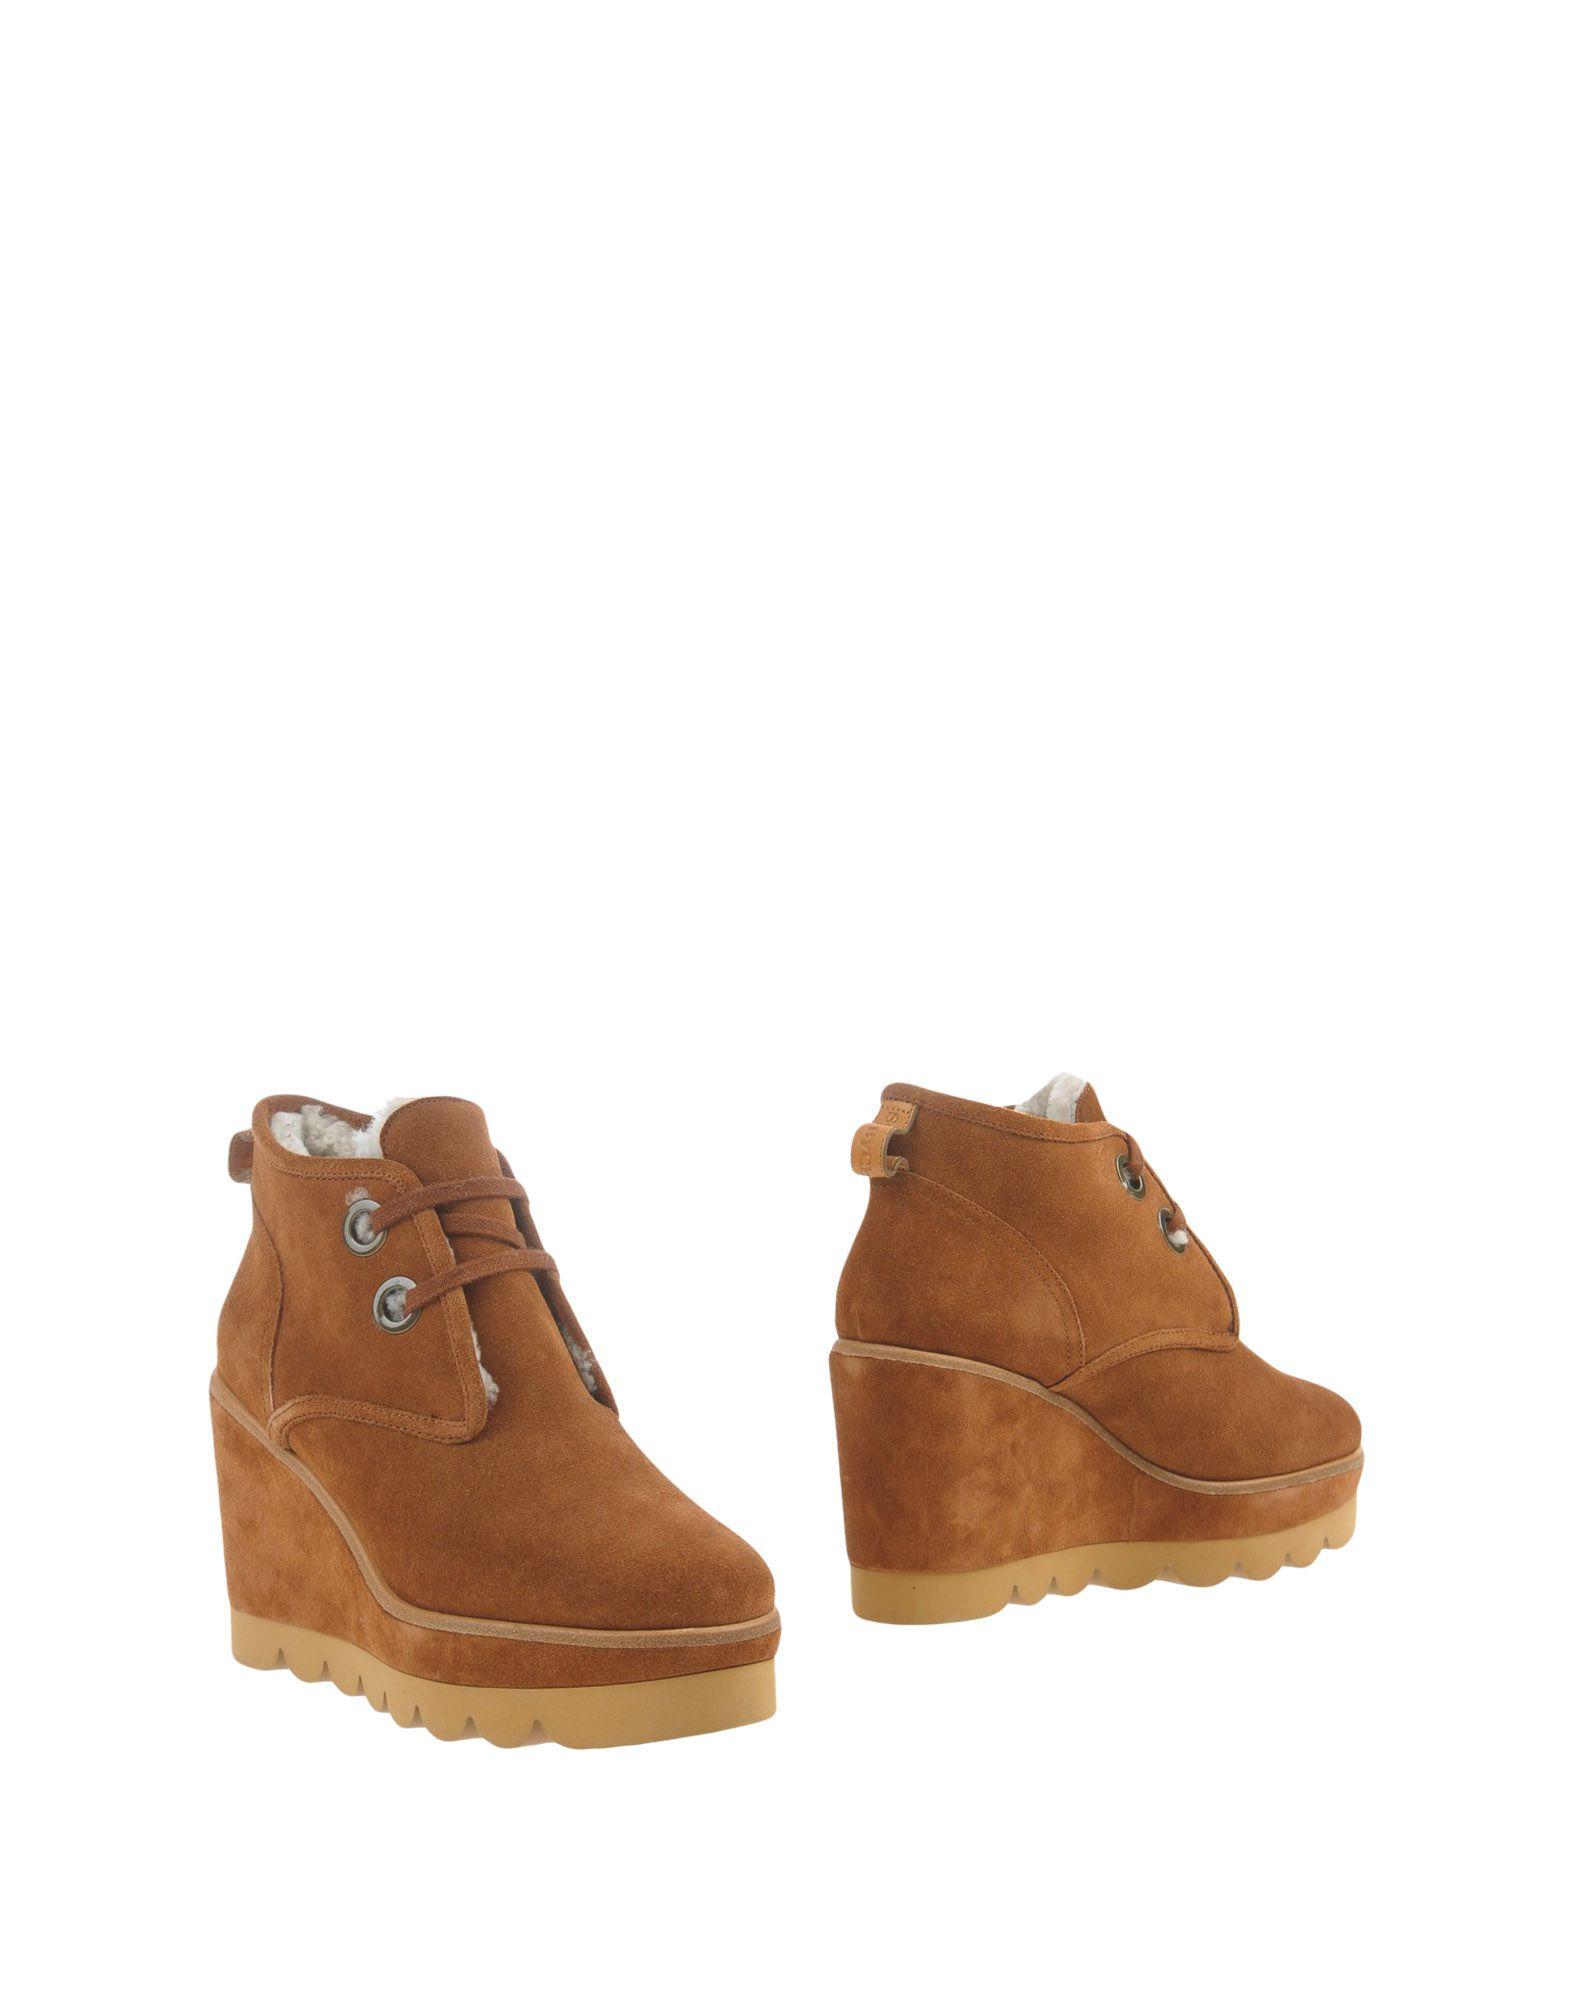 See By Chloé Stiefelette Damen Schuhe  11326200WDGünstige gut aussehende Schuhe Damen 18bd75